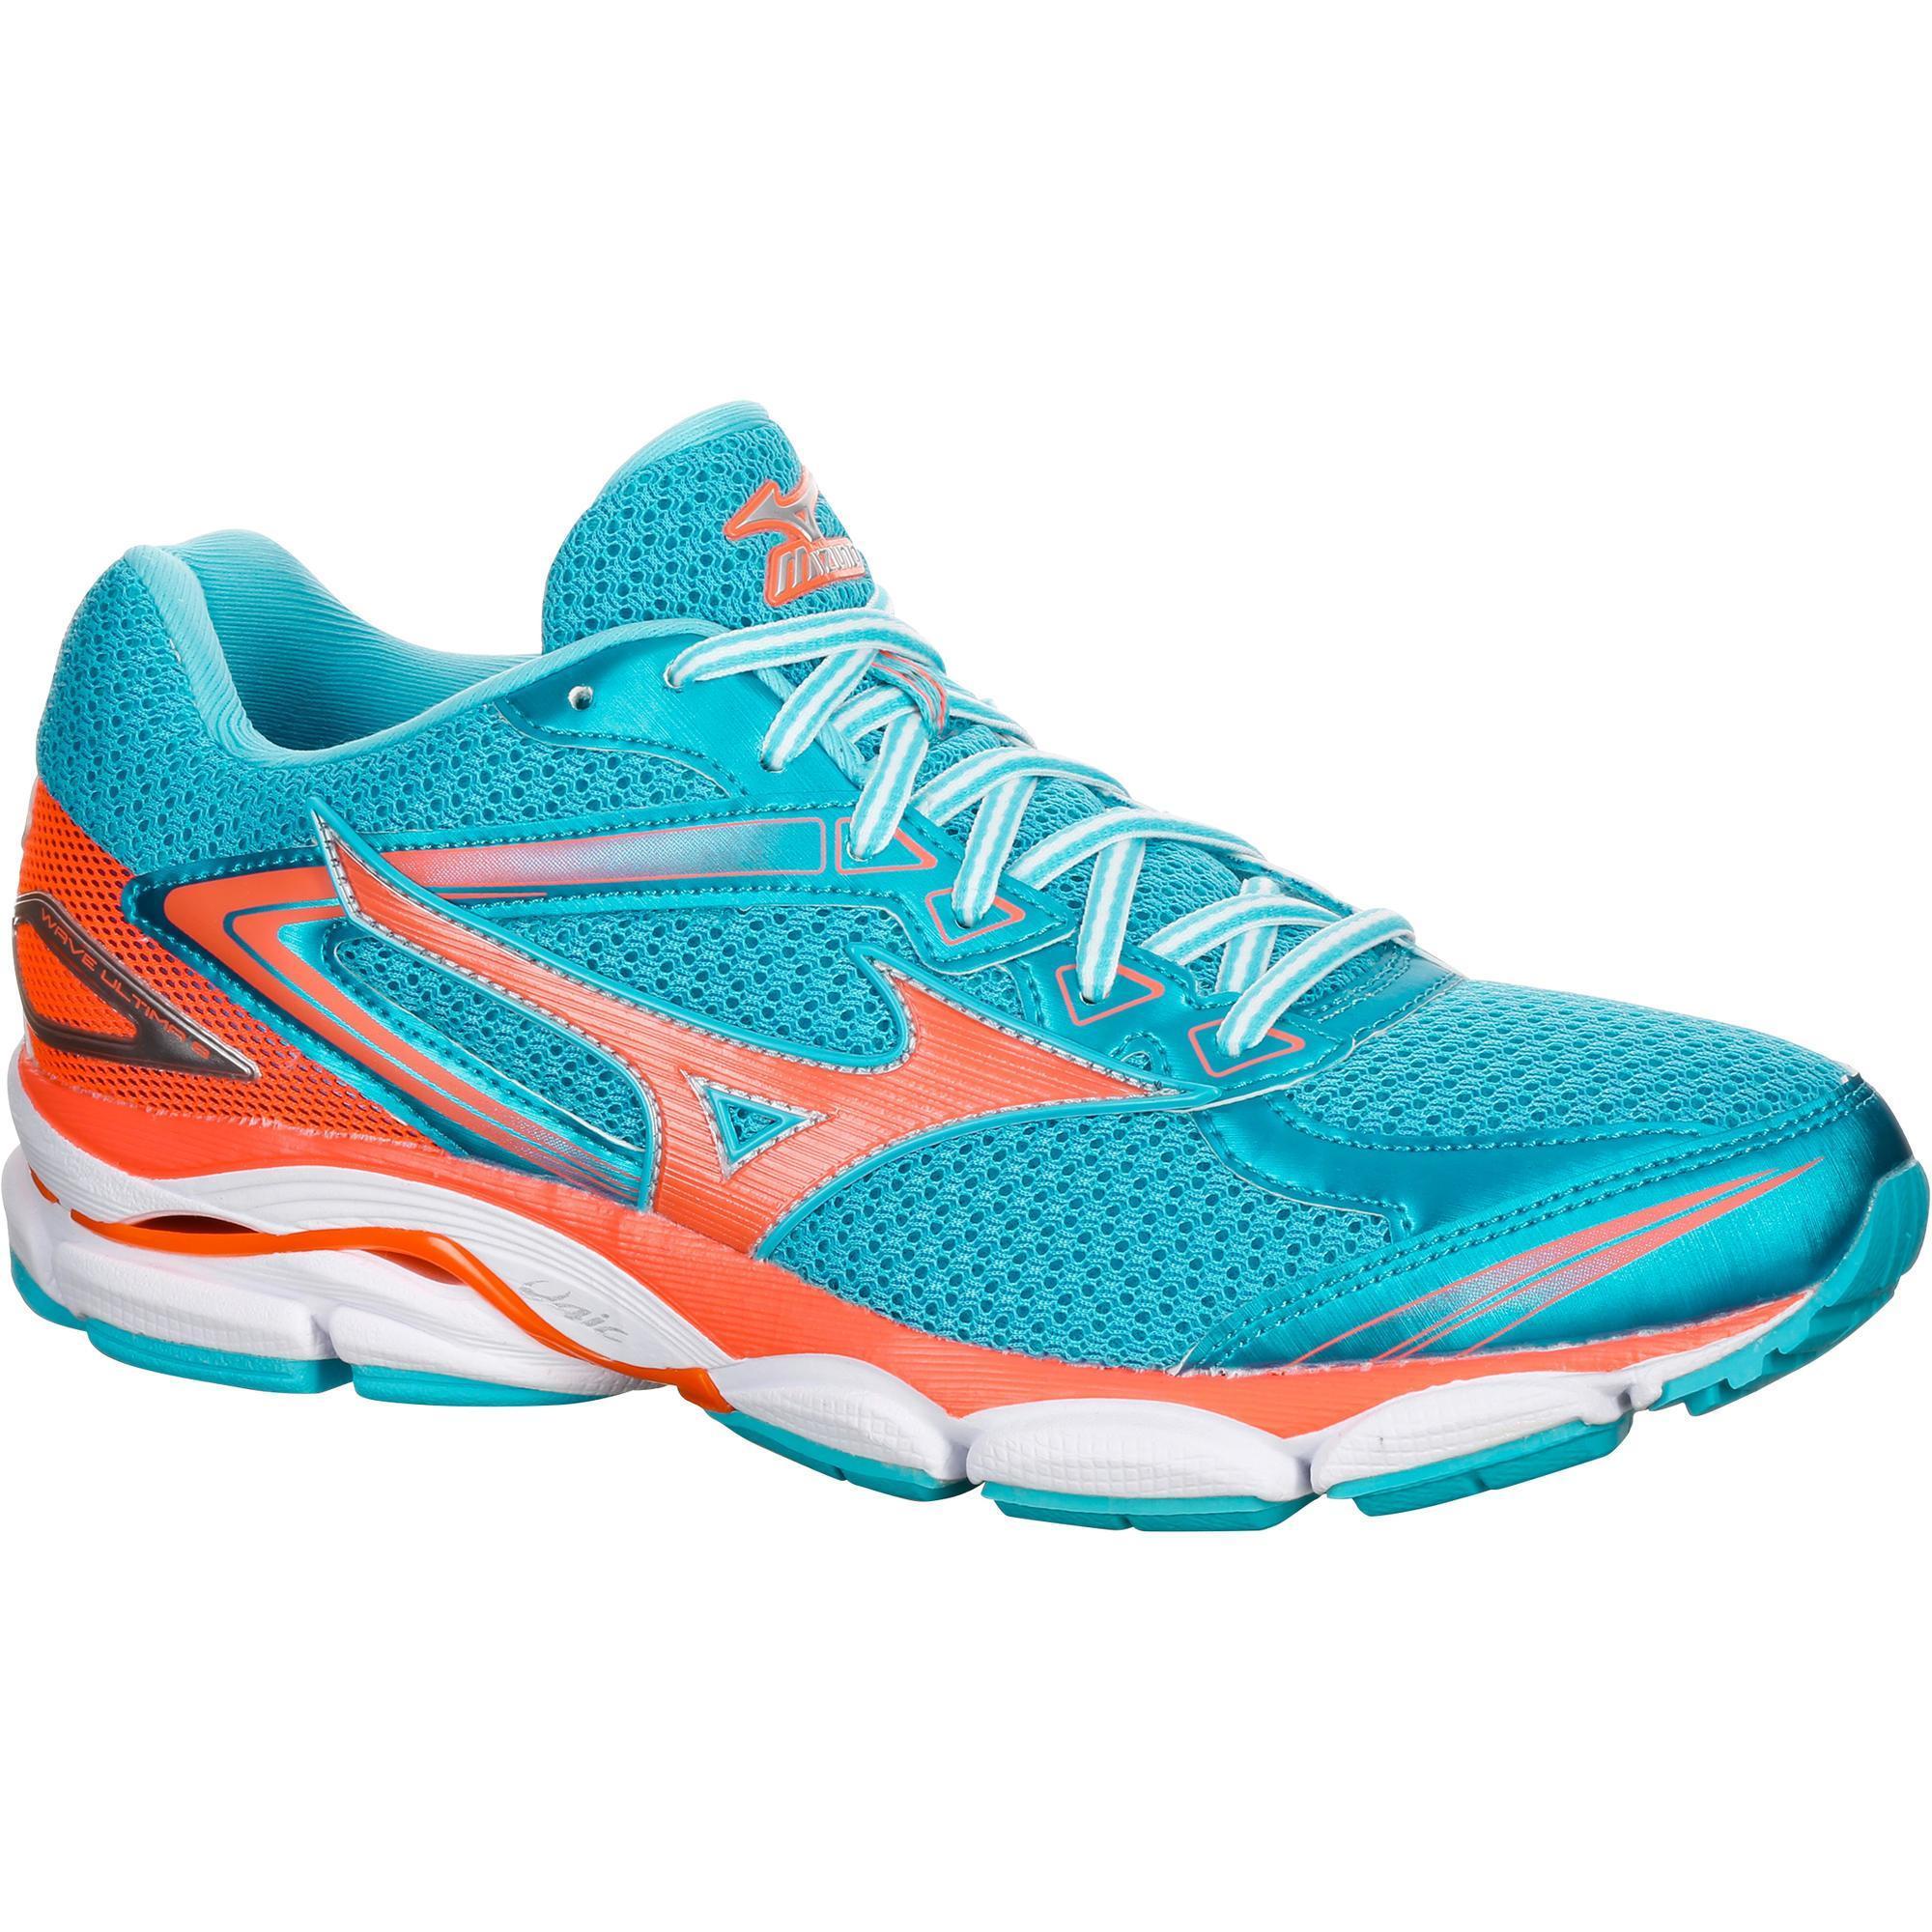 c9a1bcc4770 Comprar Zapatillas de running para correr mujer